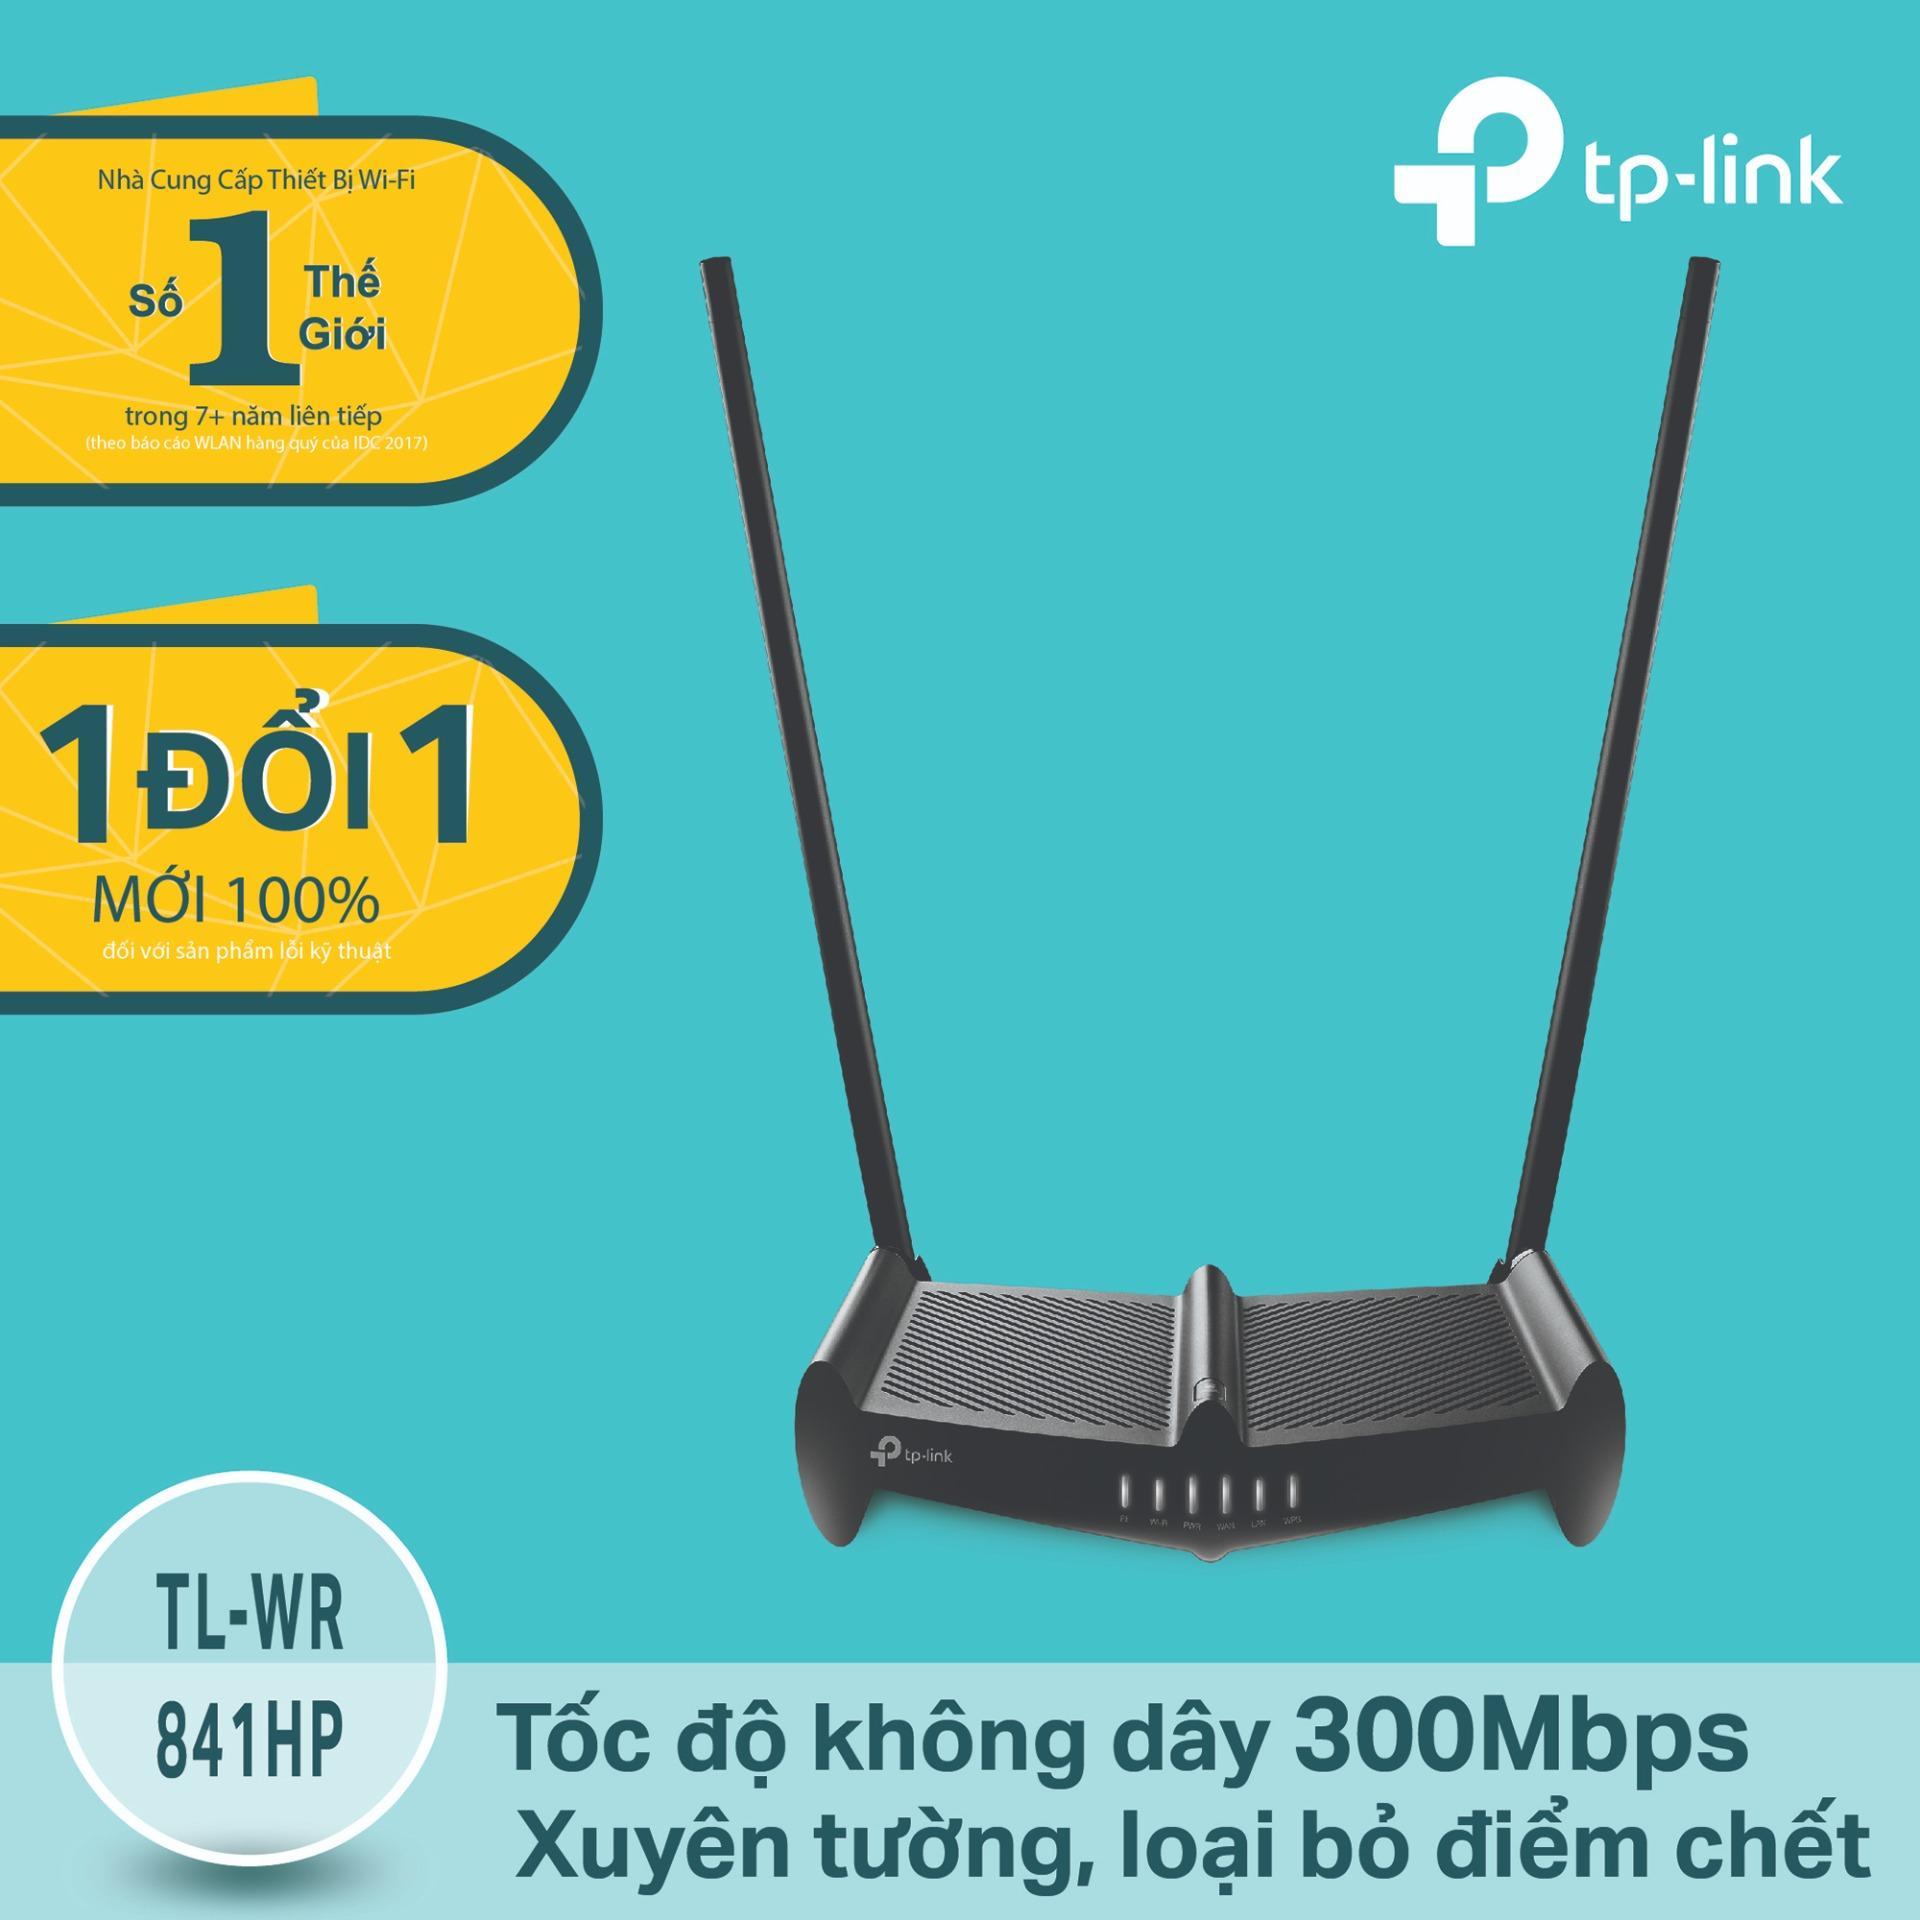 Bán Tp Link Tl Wr841Hp Router Wi Fi Chuẩn N 300Mbps Cong Suất Cao Hang Phan Phối Chinh Thức Trực Tuyến Hồ Chí Minh